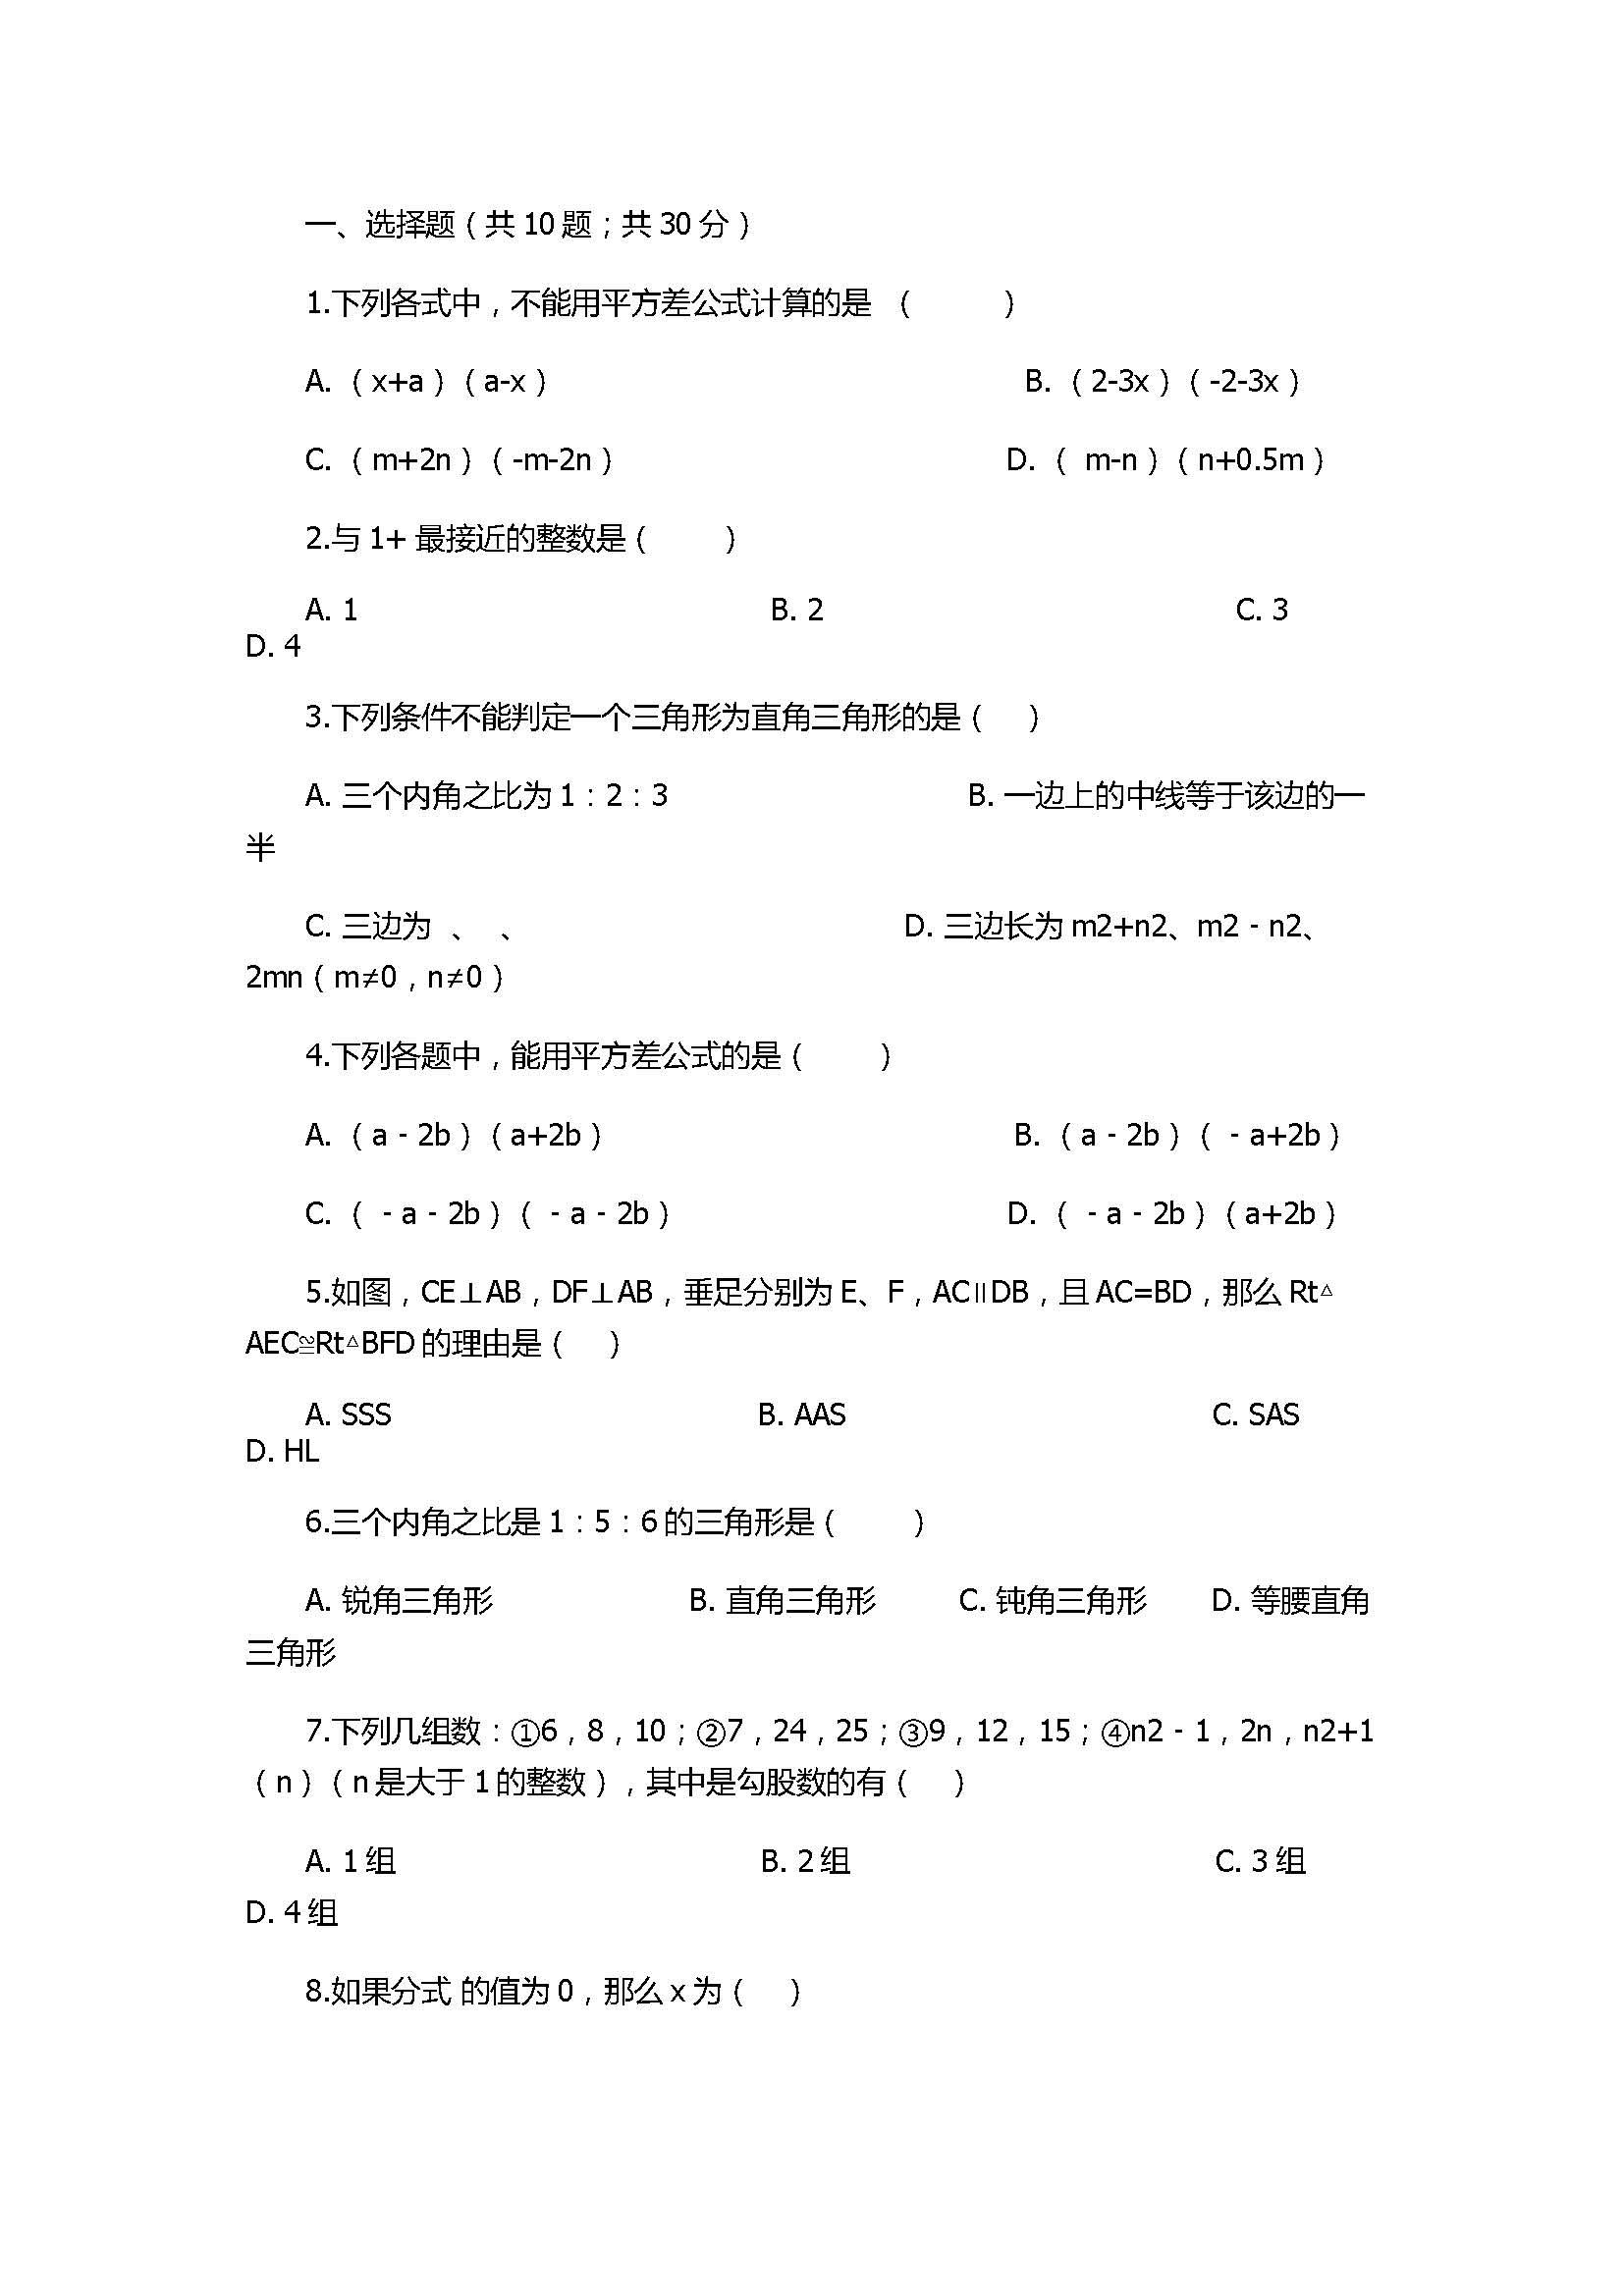 2017八年级数学上册期末模拟试卷附答案解析(诸城市桃林镇)